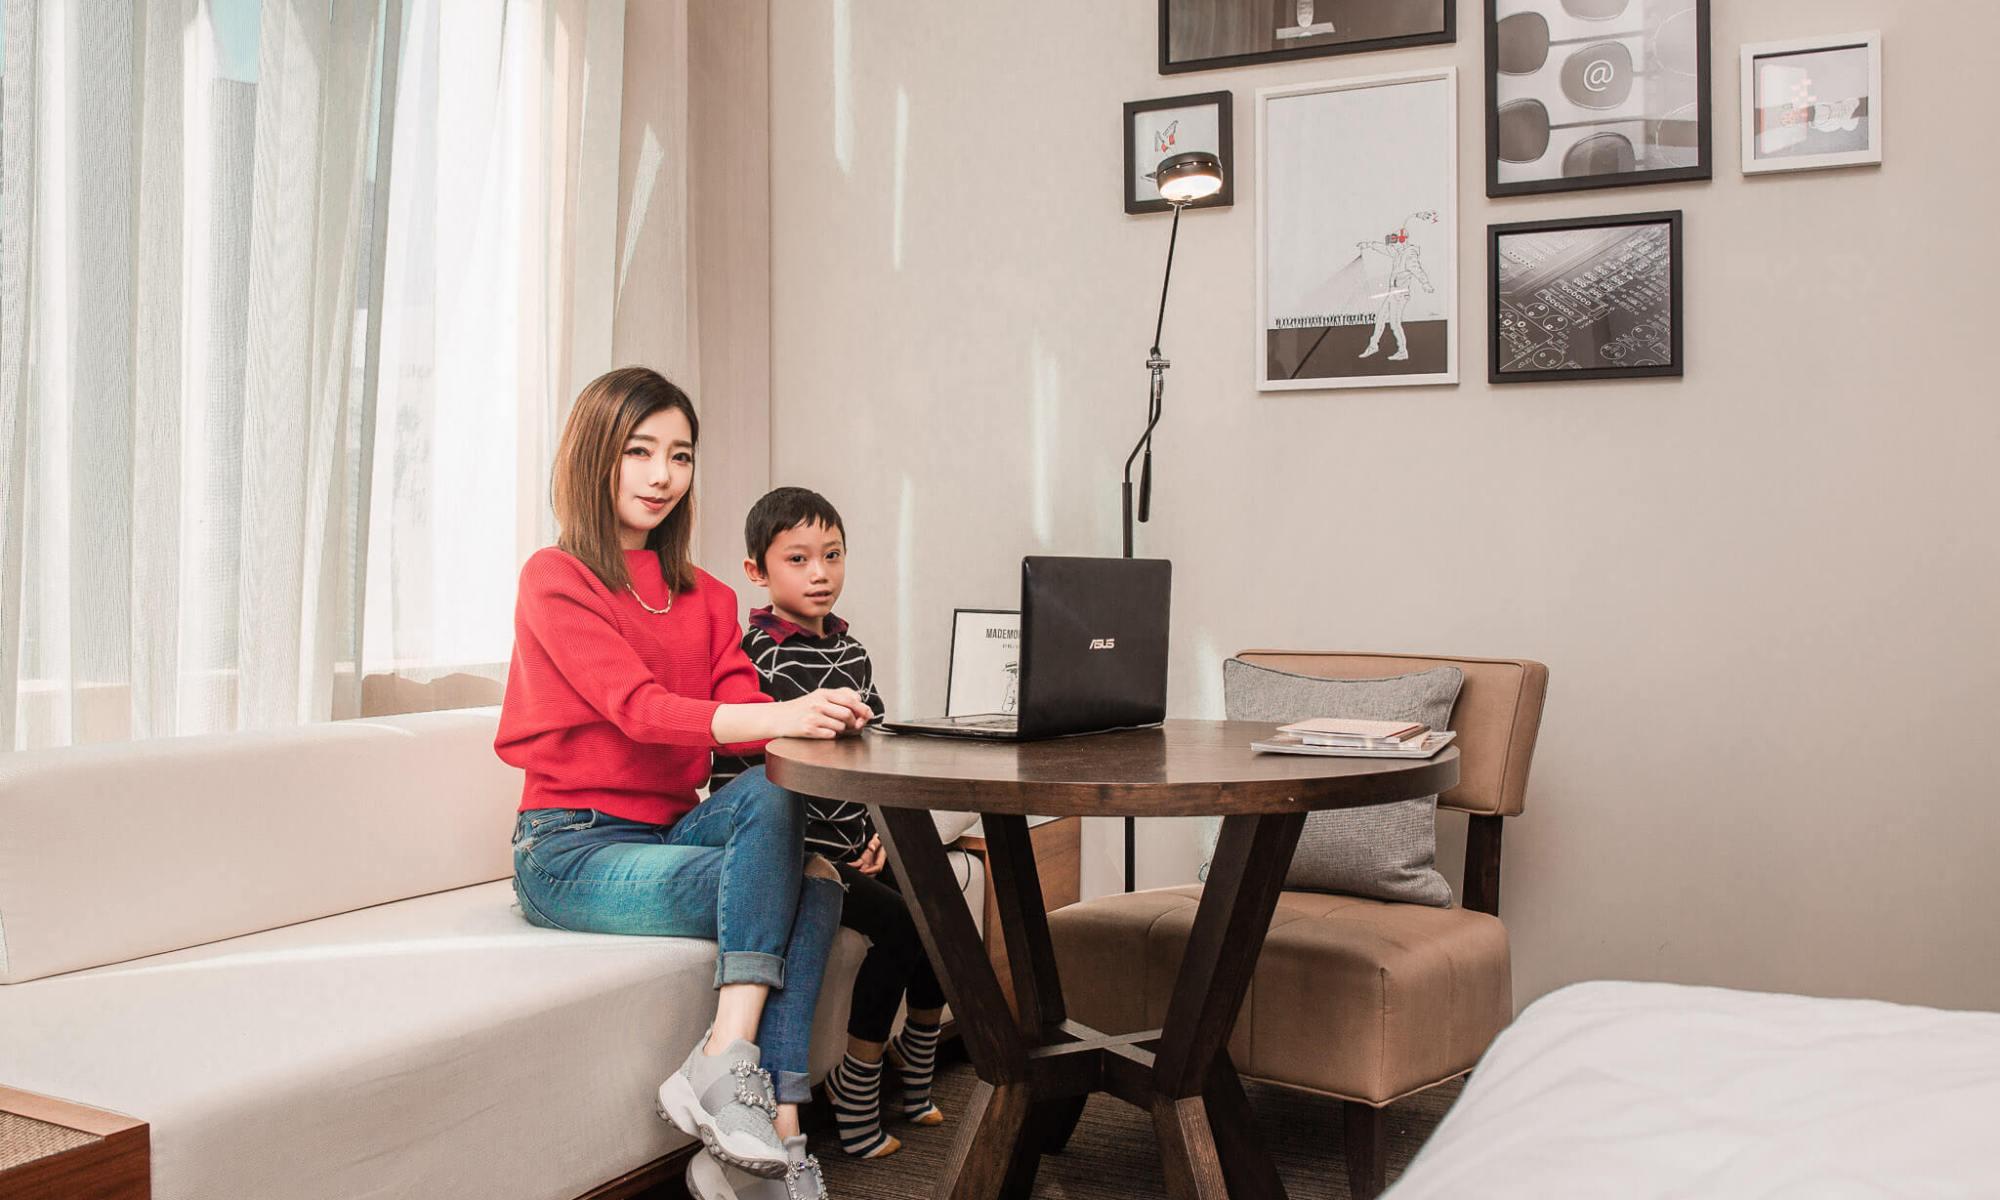 Amigo 媽咪育兒術:用溝通陪伴孩子一起成長